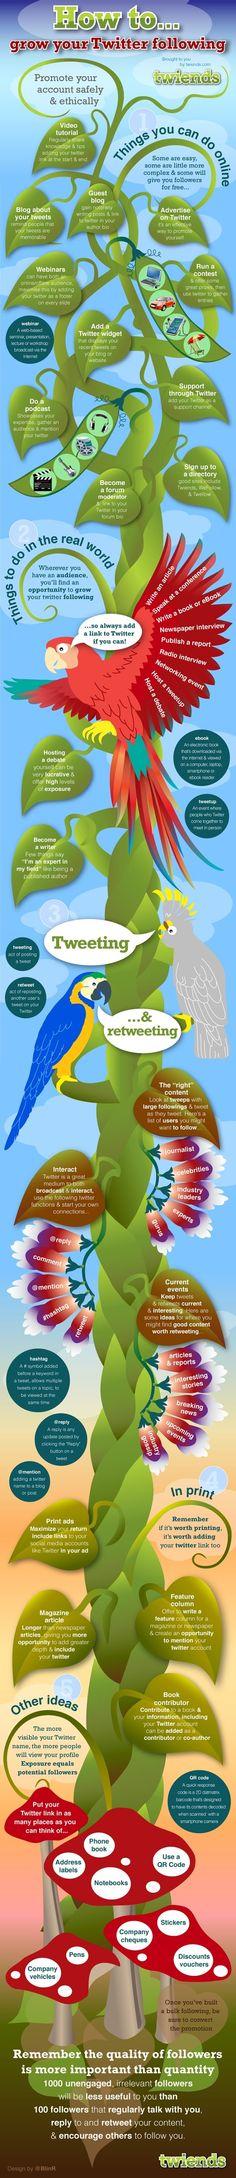 Come aumentare il numero di follower su Twitter - infographic